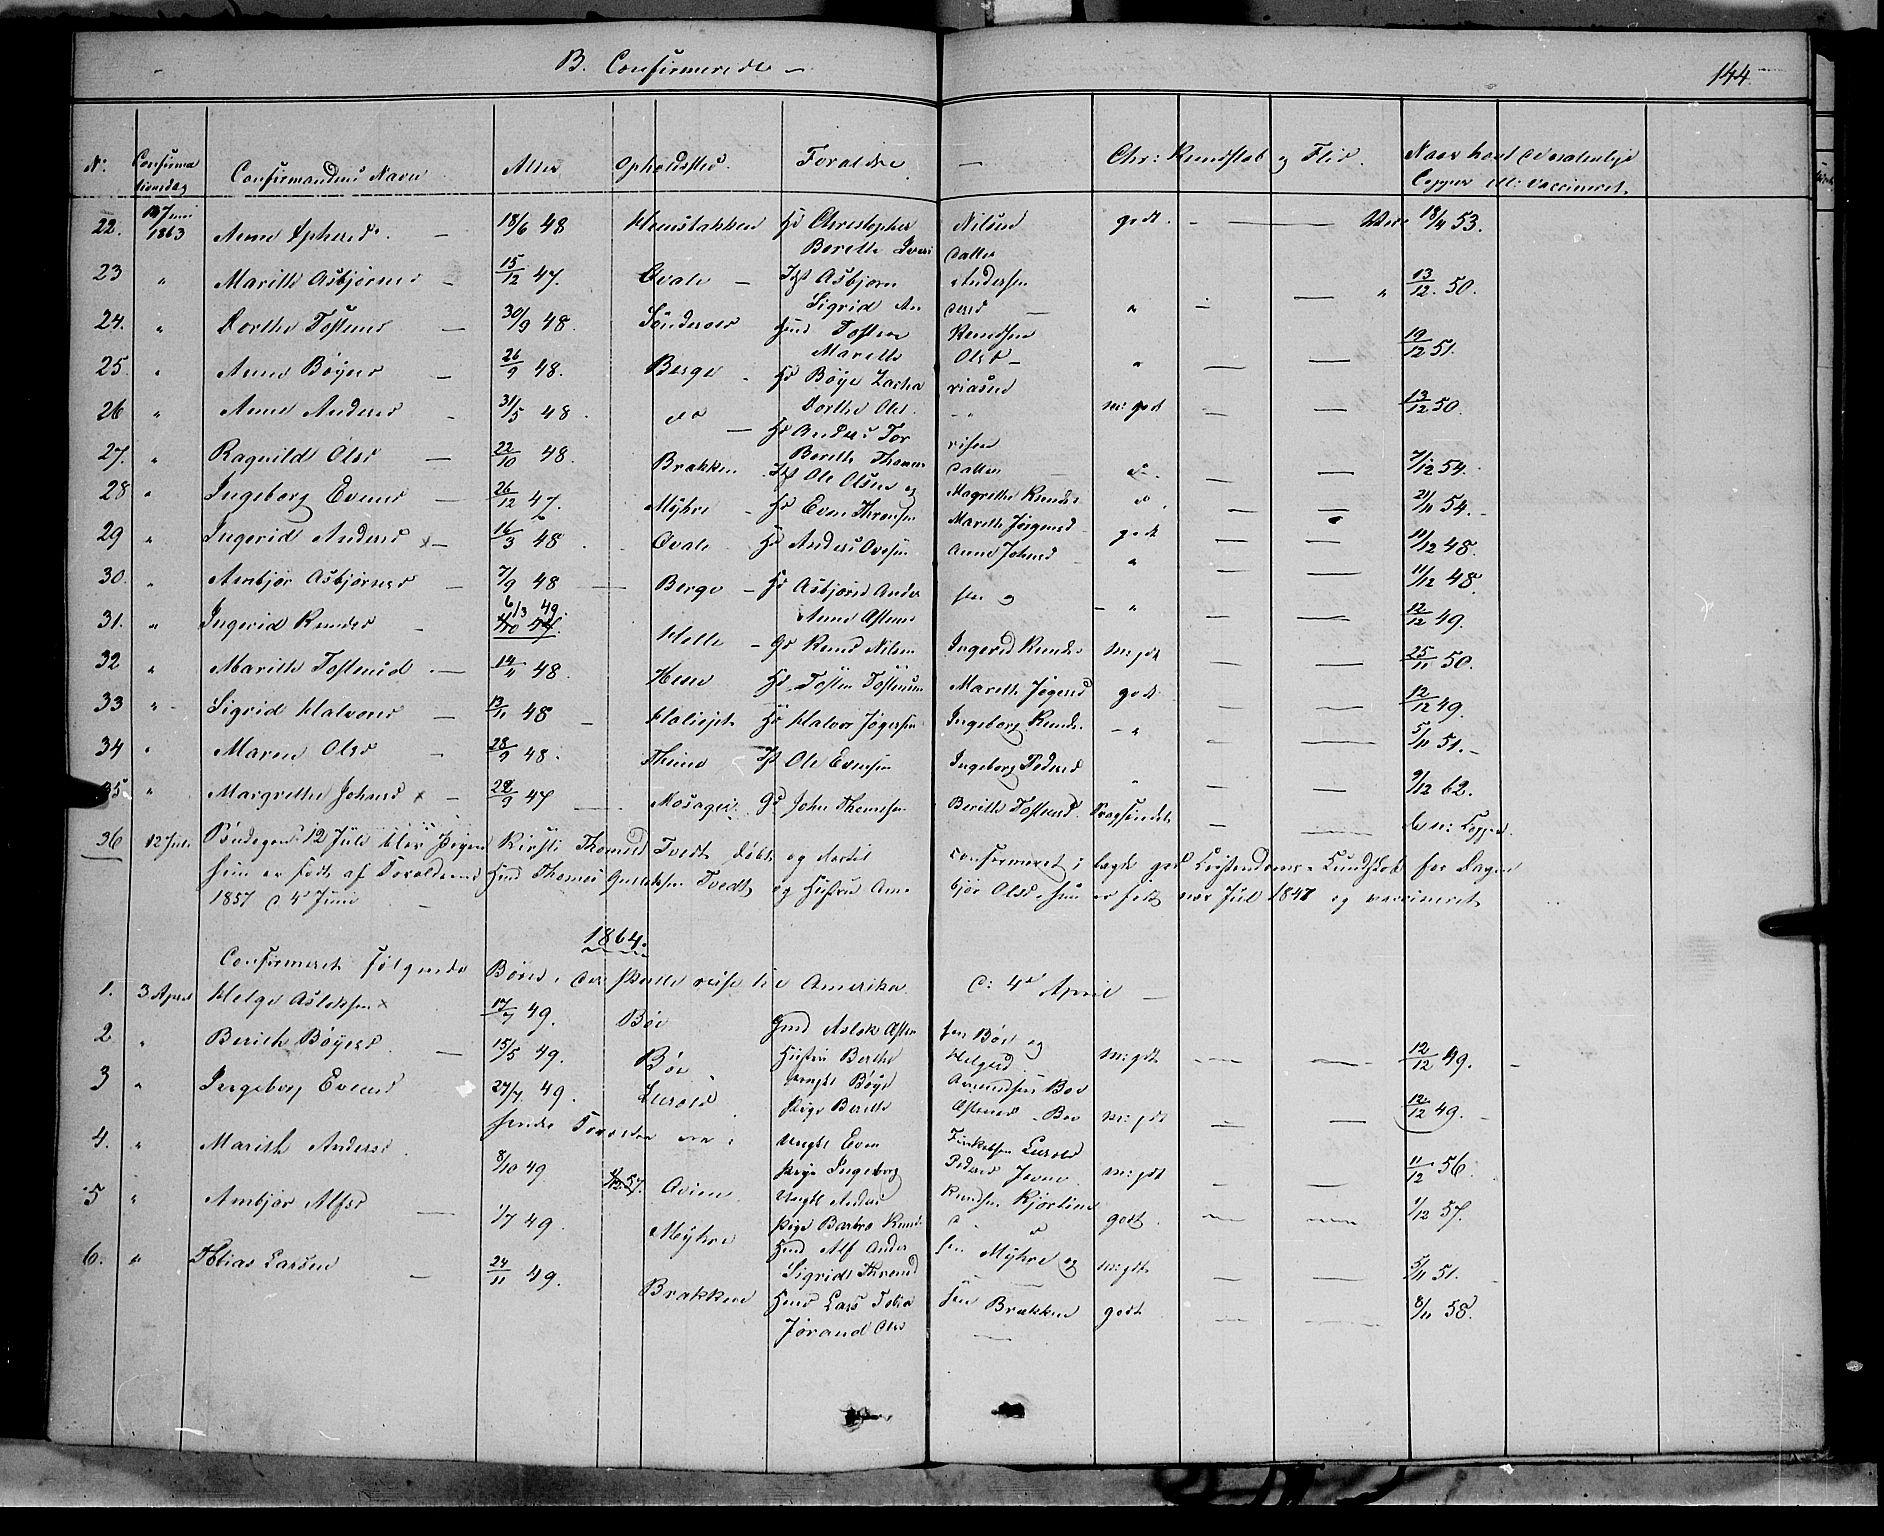 SAH, Vang prestekontor, Valdres, Ministerialbok nr. 6, 1846-1864, s. 144